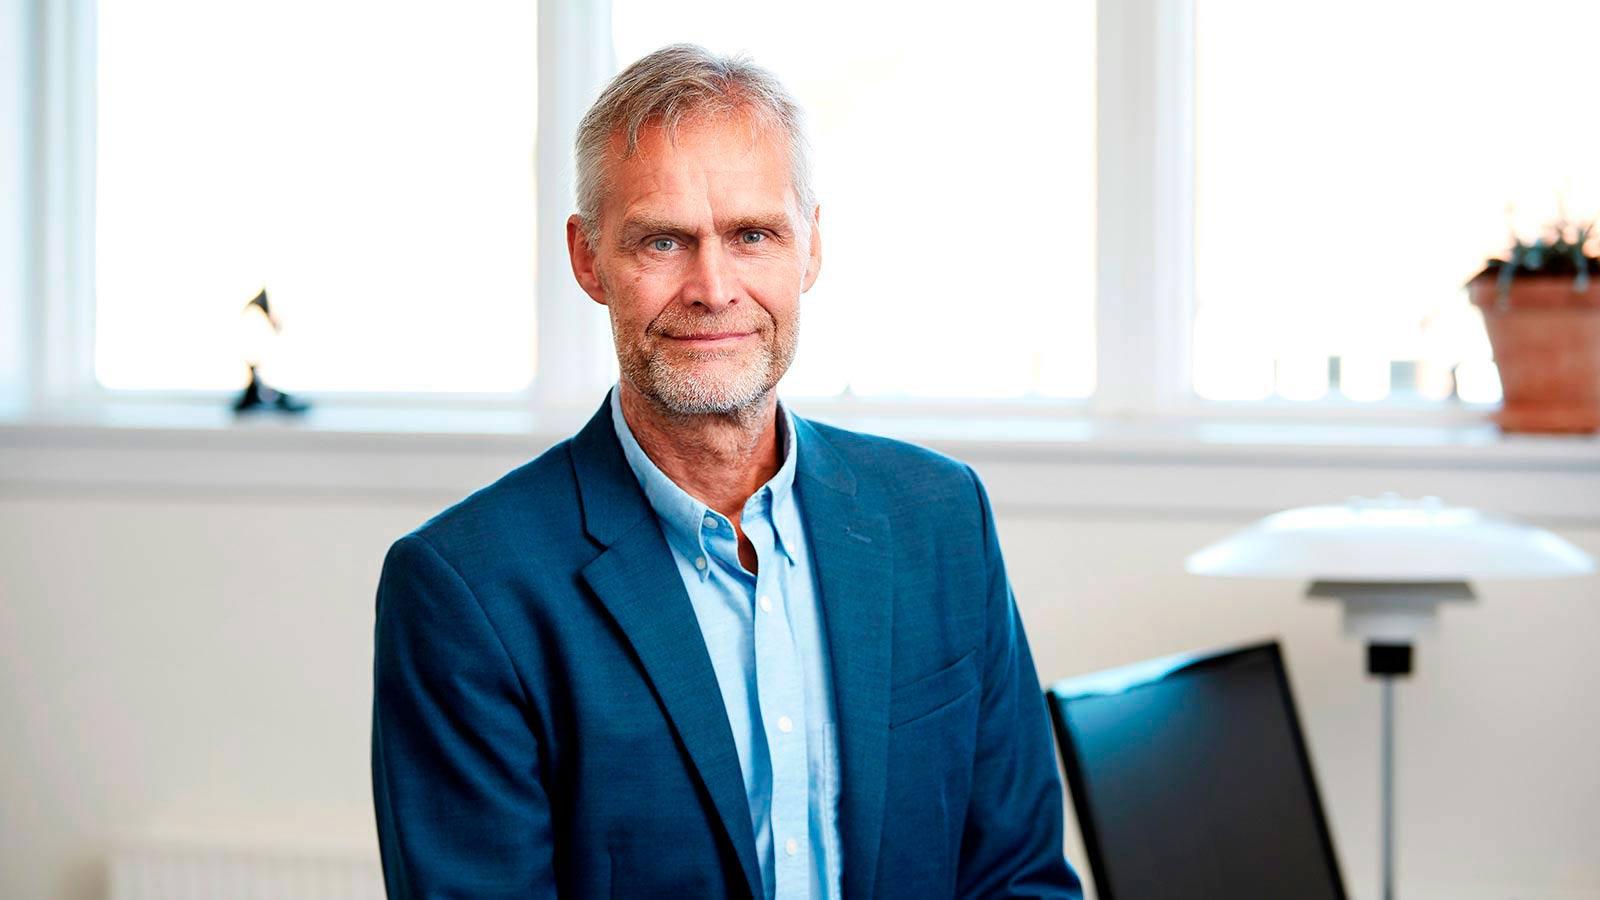 Ole Schou, fondatore di Cryos